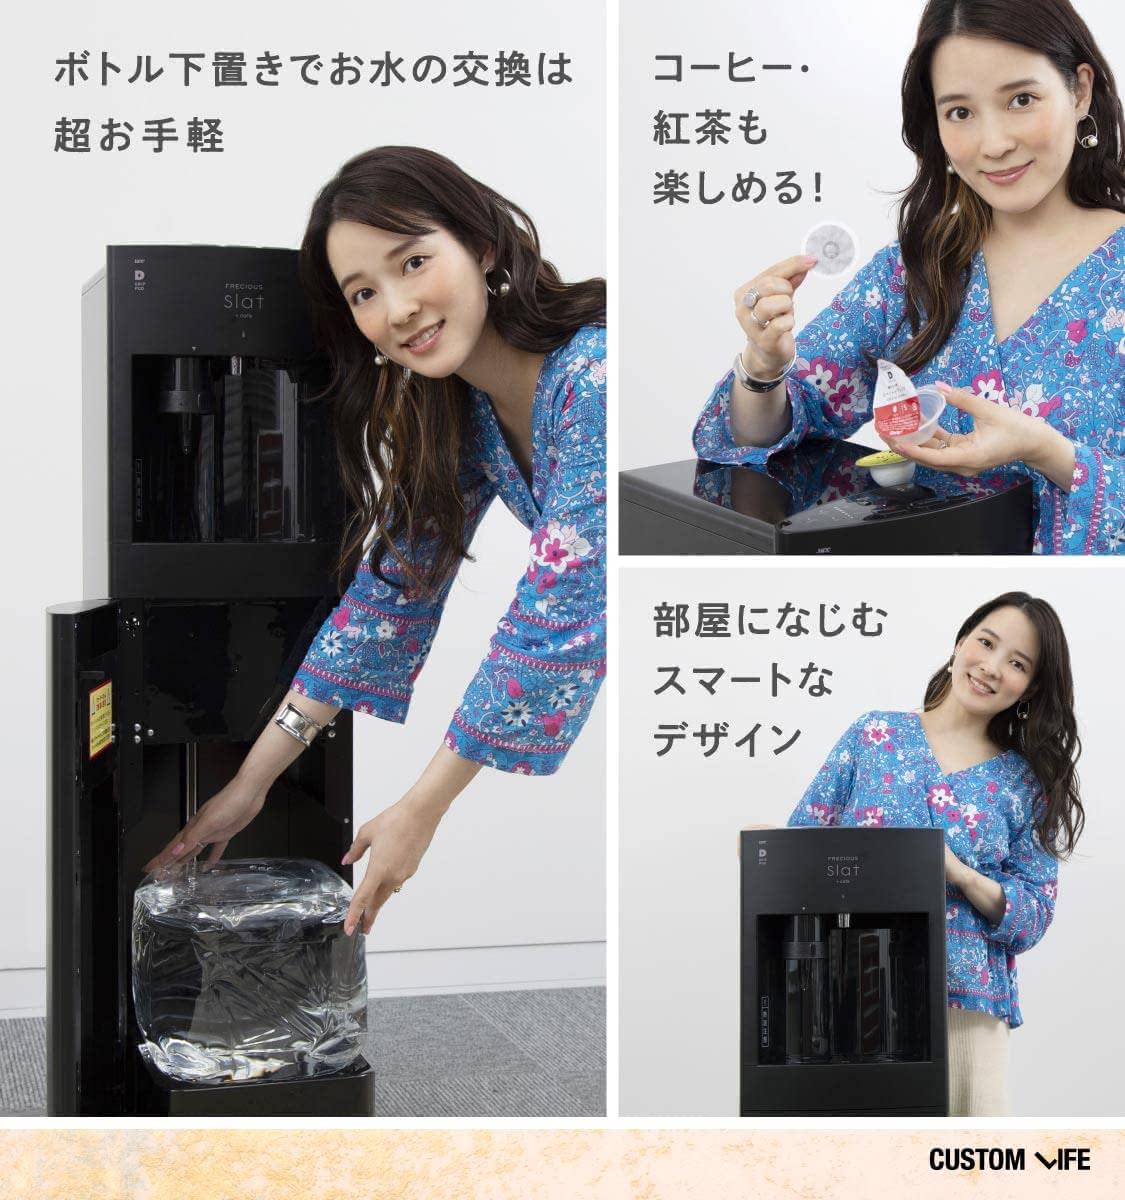 奈津子さんSlat Cafeレビュー